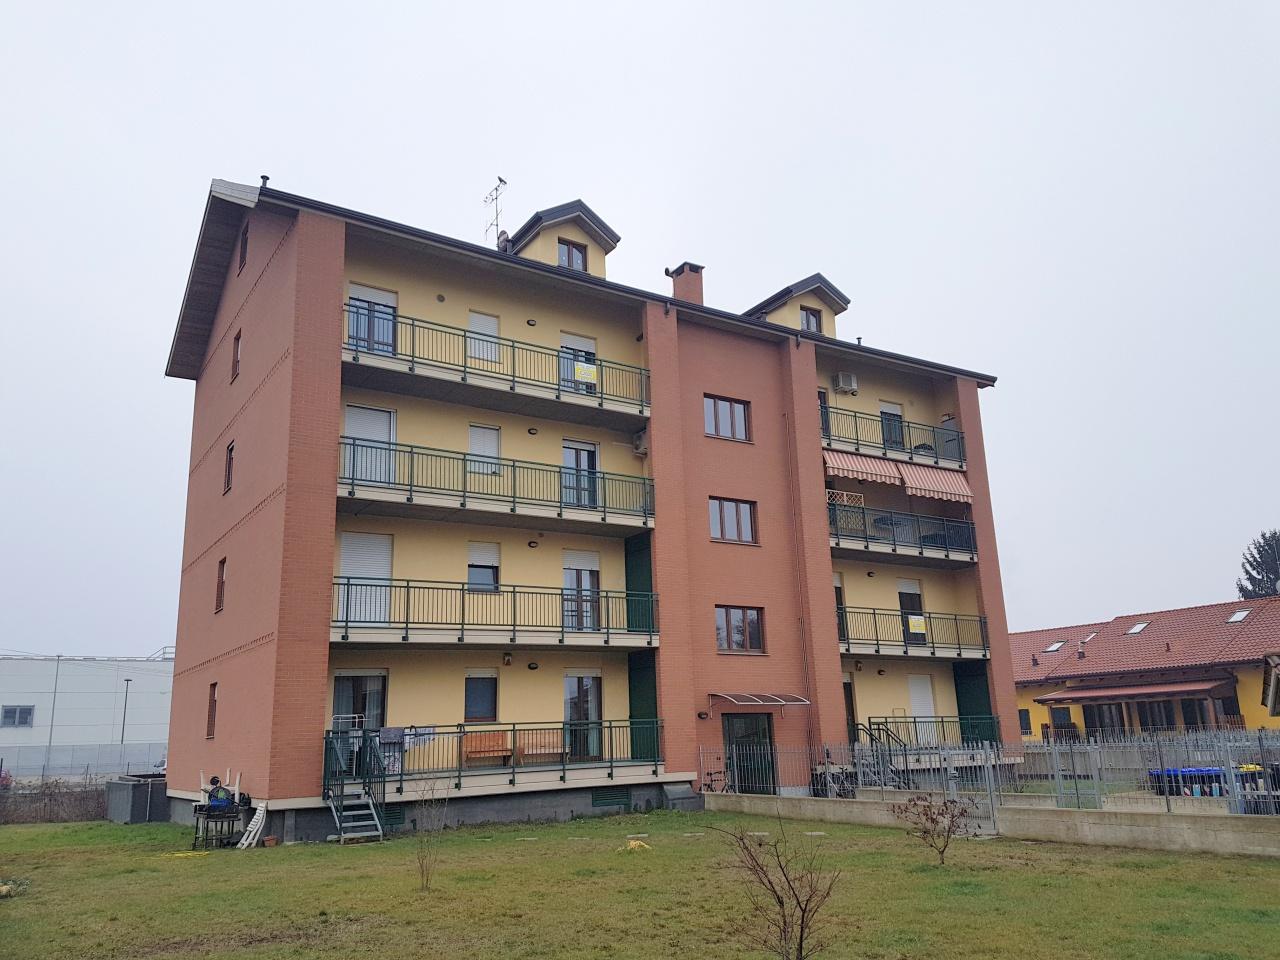 Appartamento in vendita a Chivasso, 4 locali, prezzo € 155.000 | CambioCasa.it